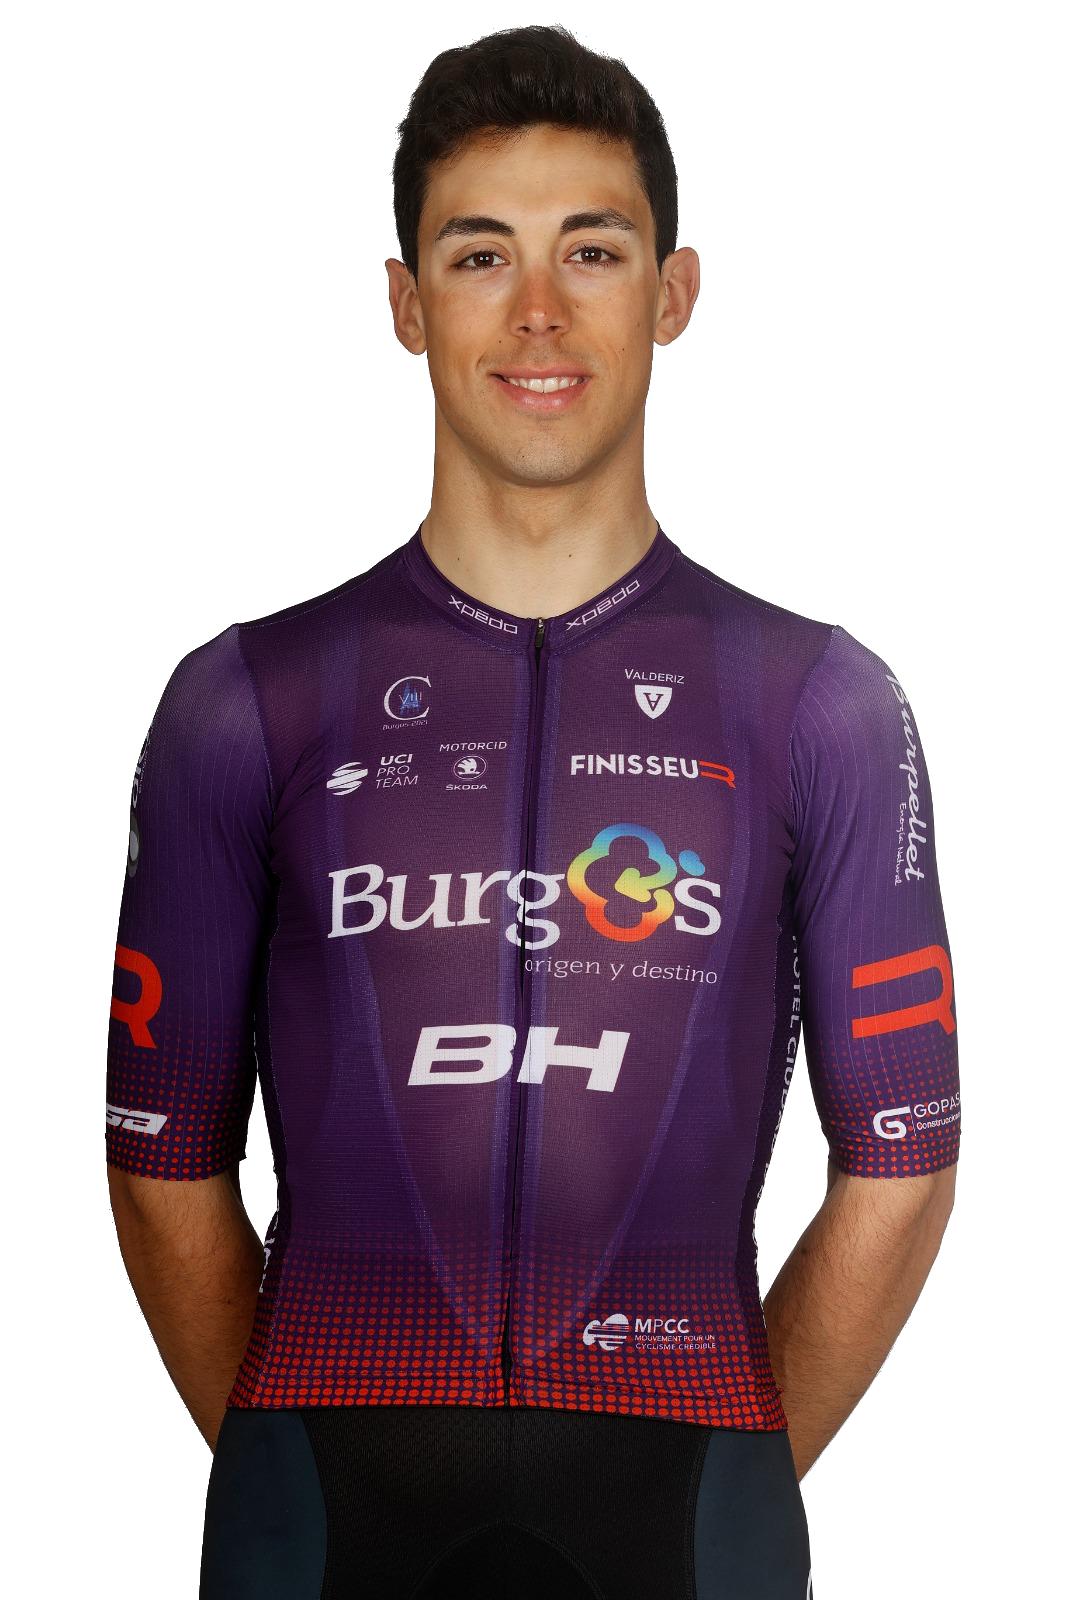 Ángel Fuentes Burgos-BH